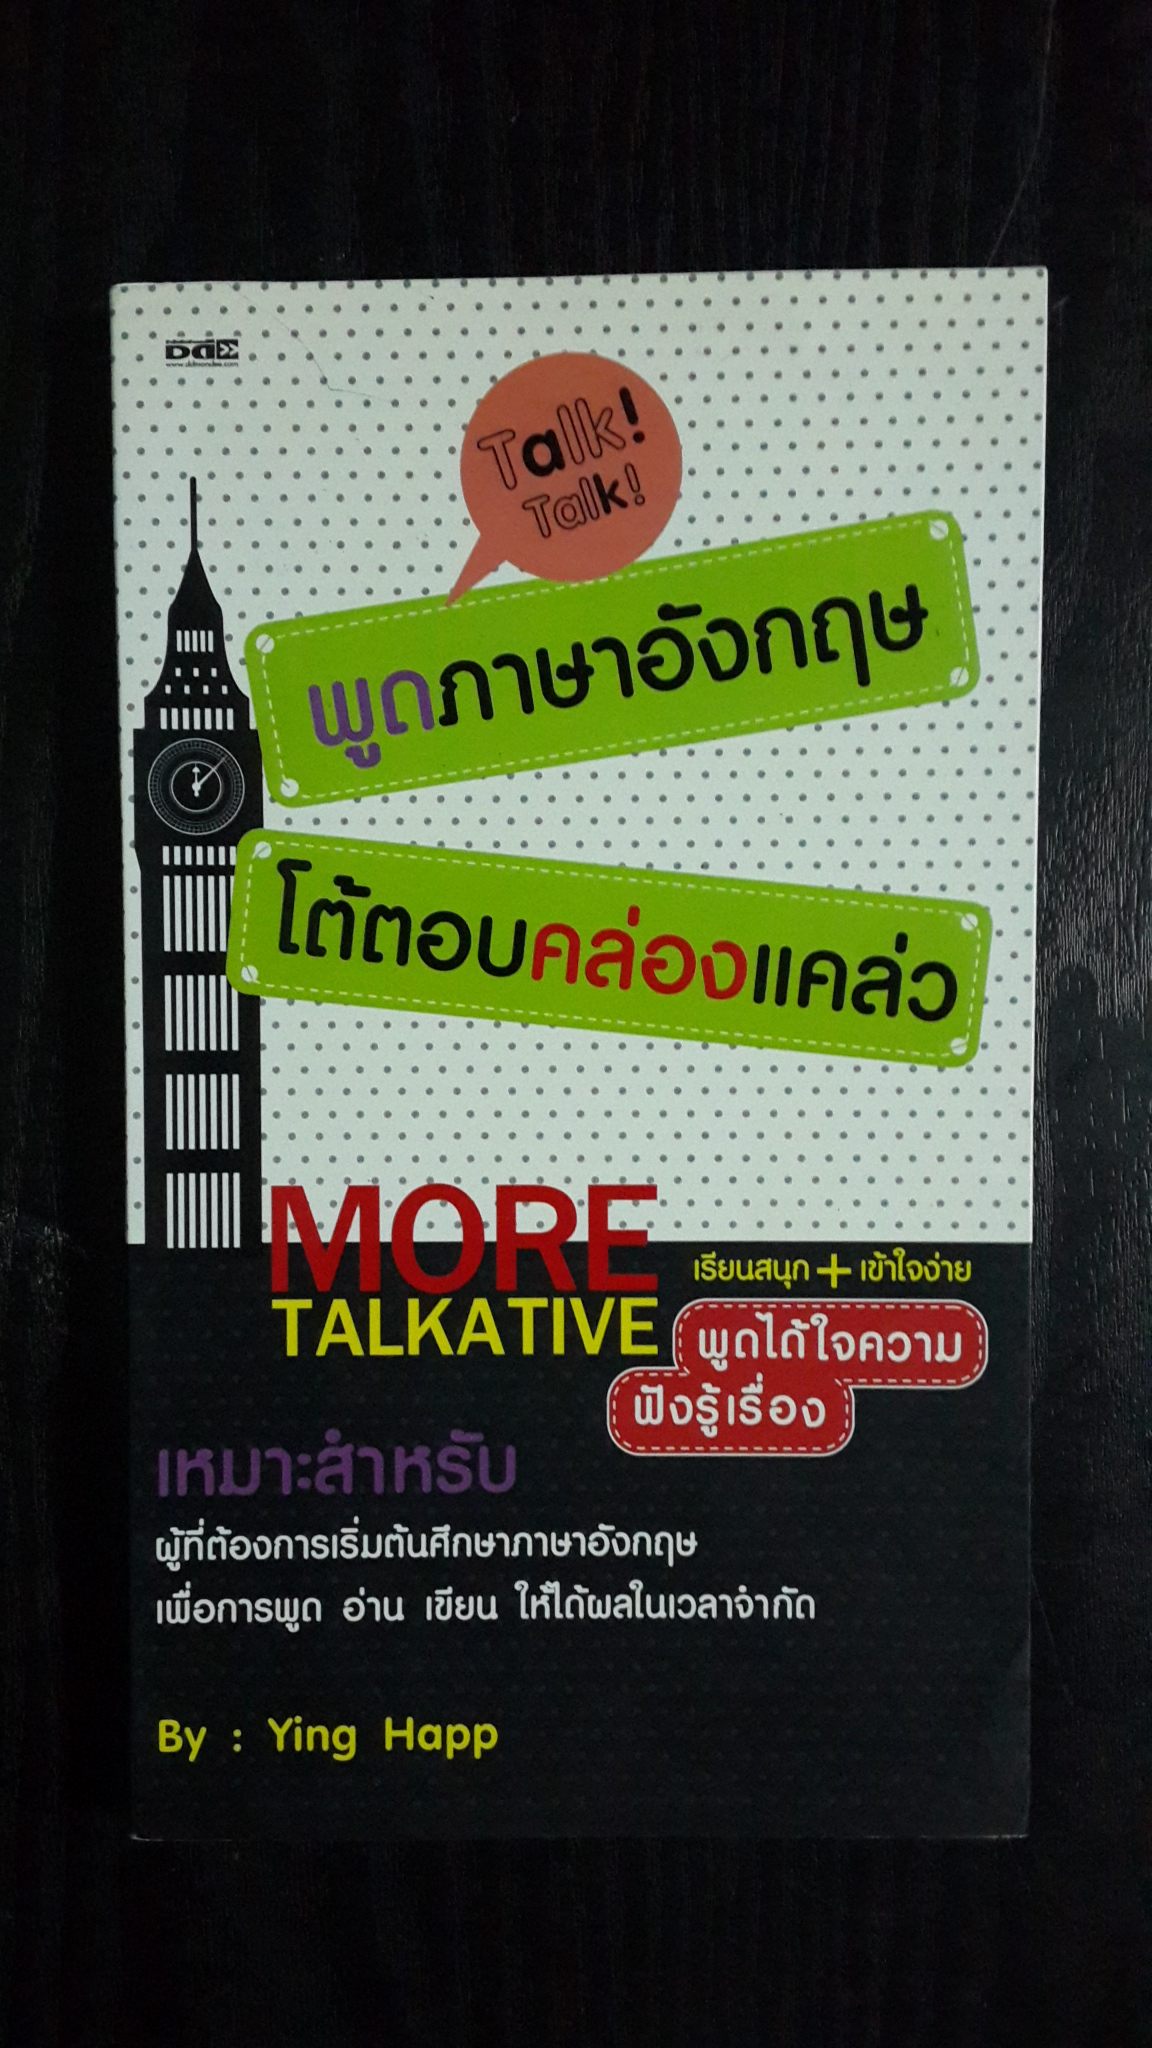 พูดภาษาอังกฤษ โต้ตอบคล่องแคล่ว MORE TALKATIVE / Ying Happ